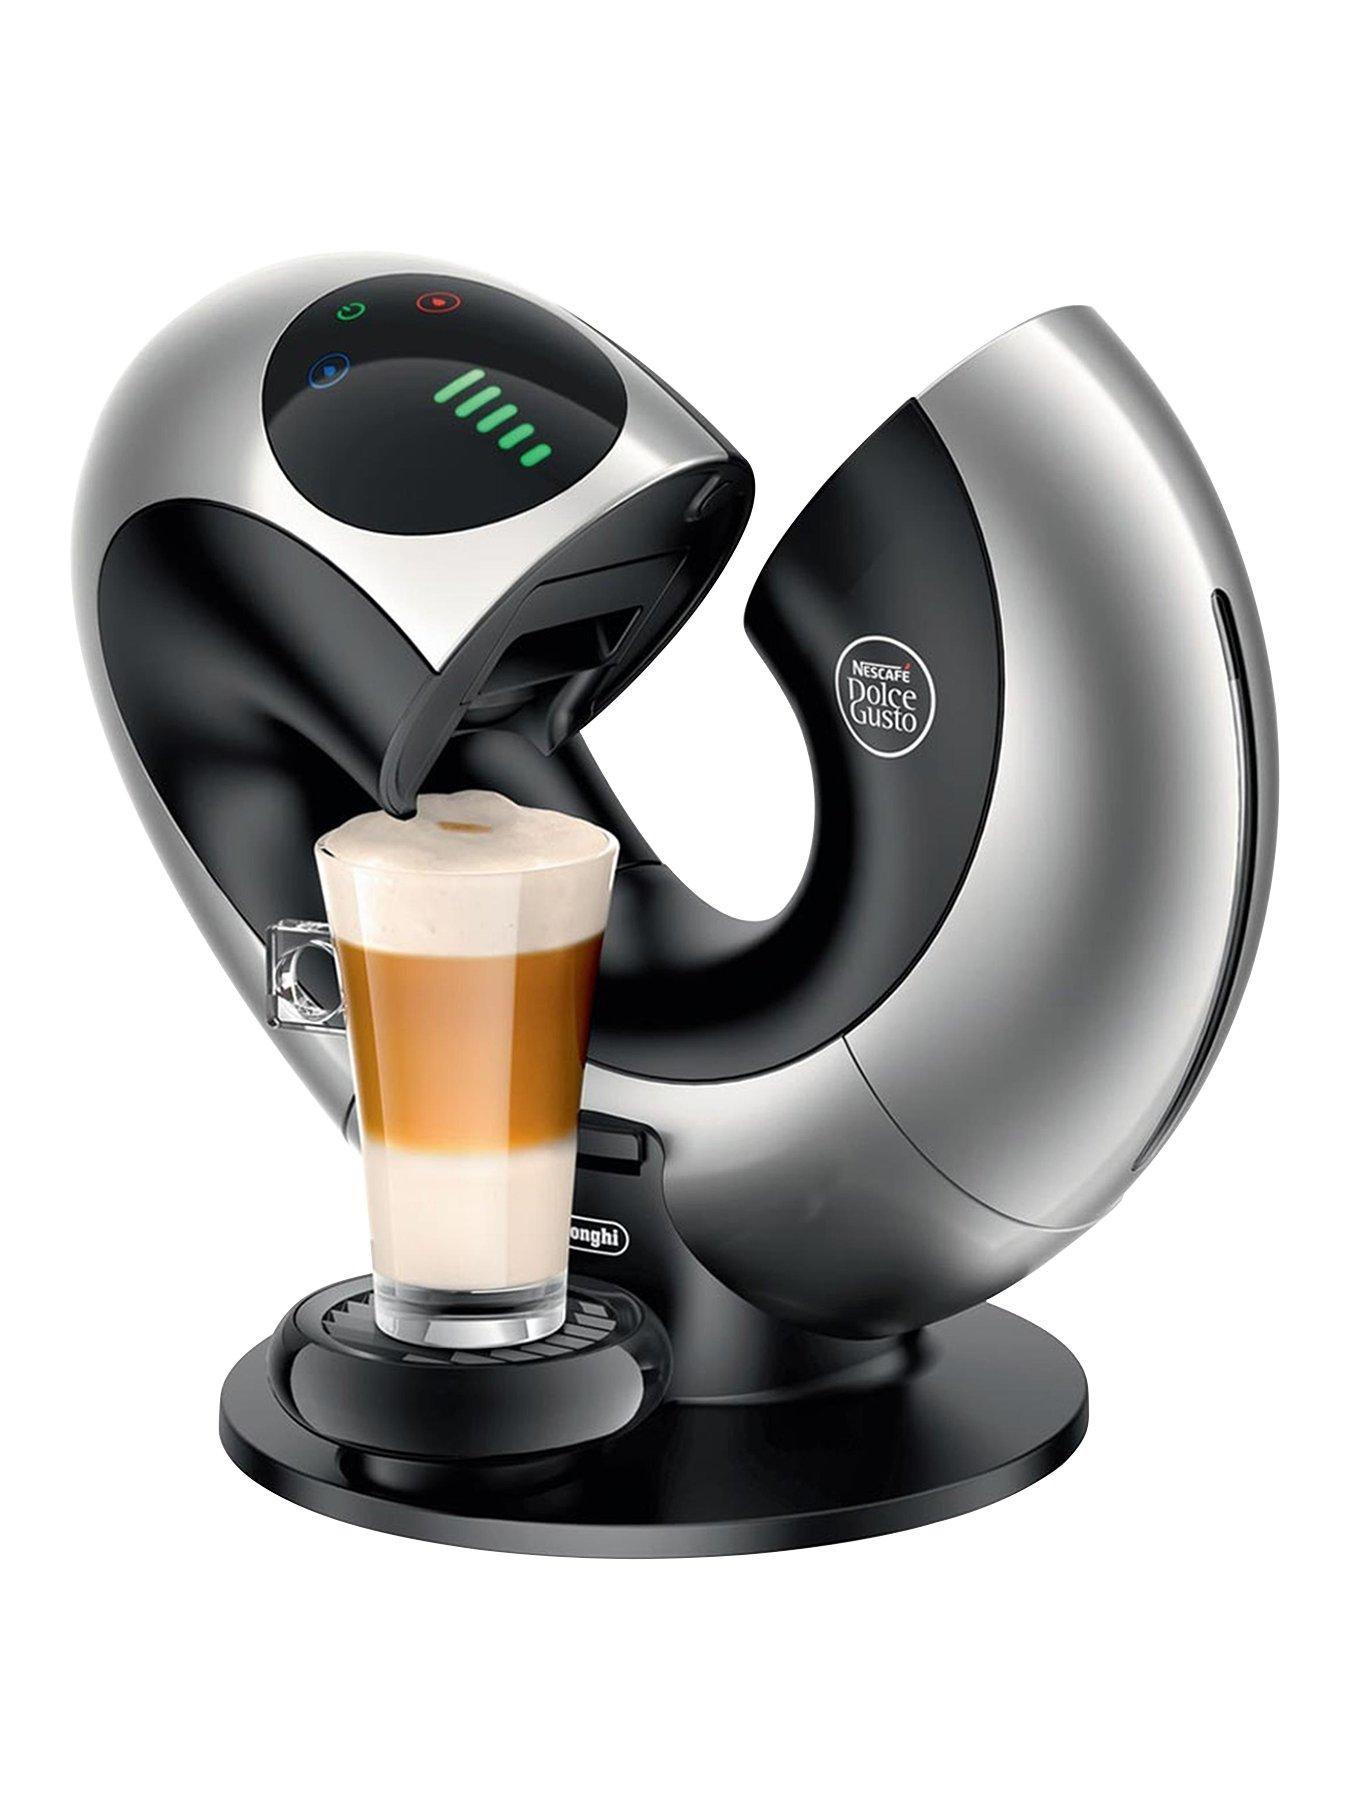 Nescafe Dolce Gusto Delonghi Edg736s Eclipse Coffee Machine